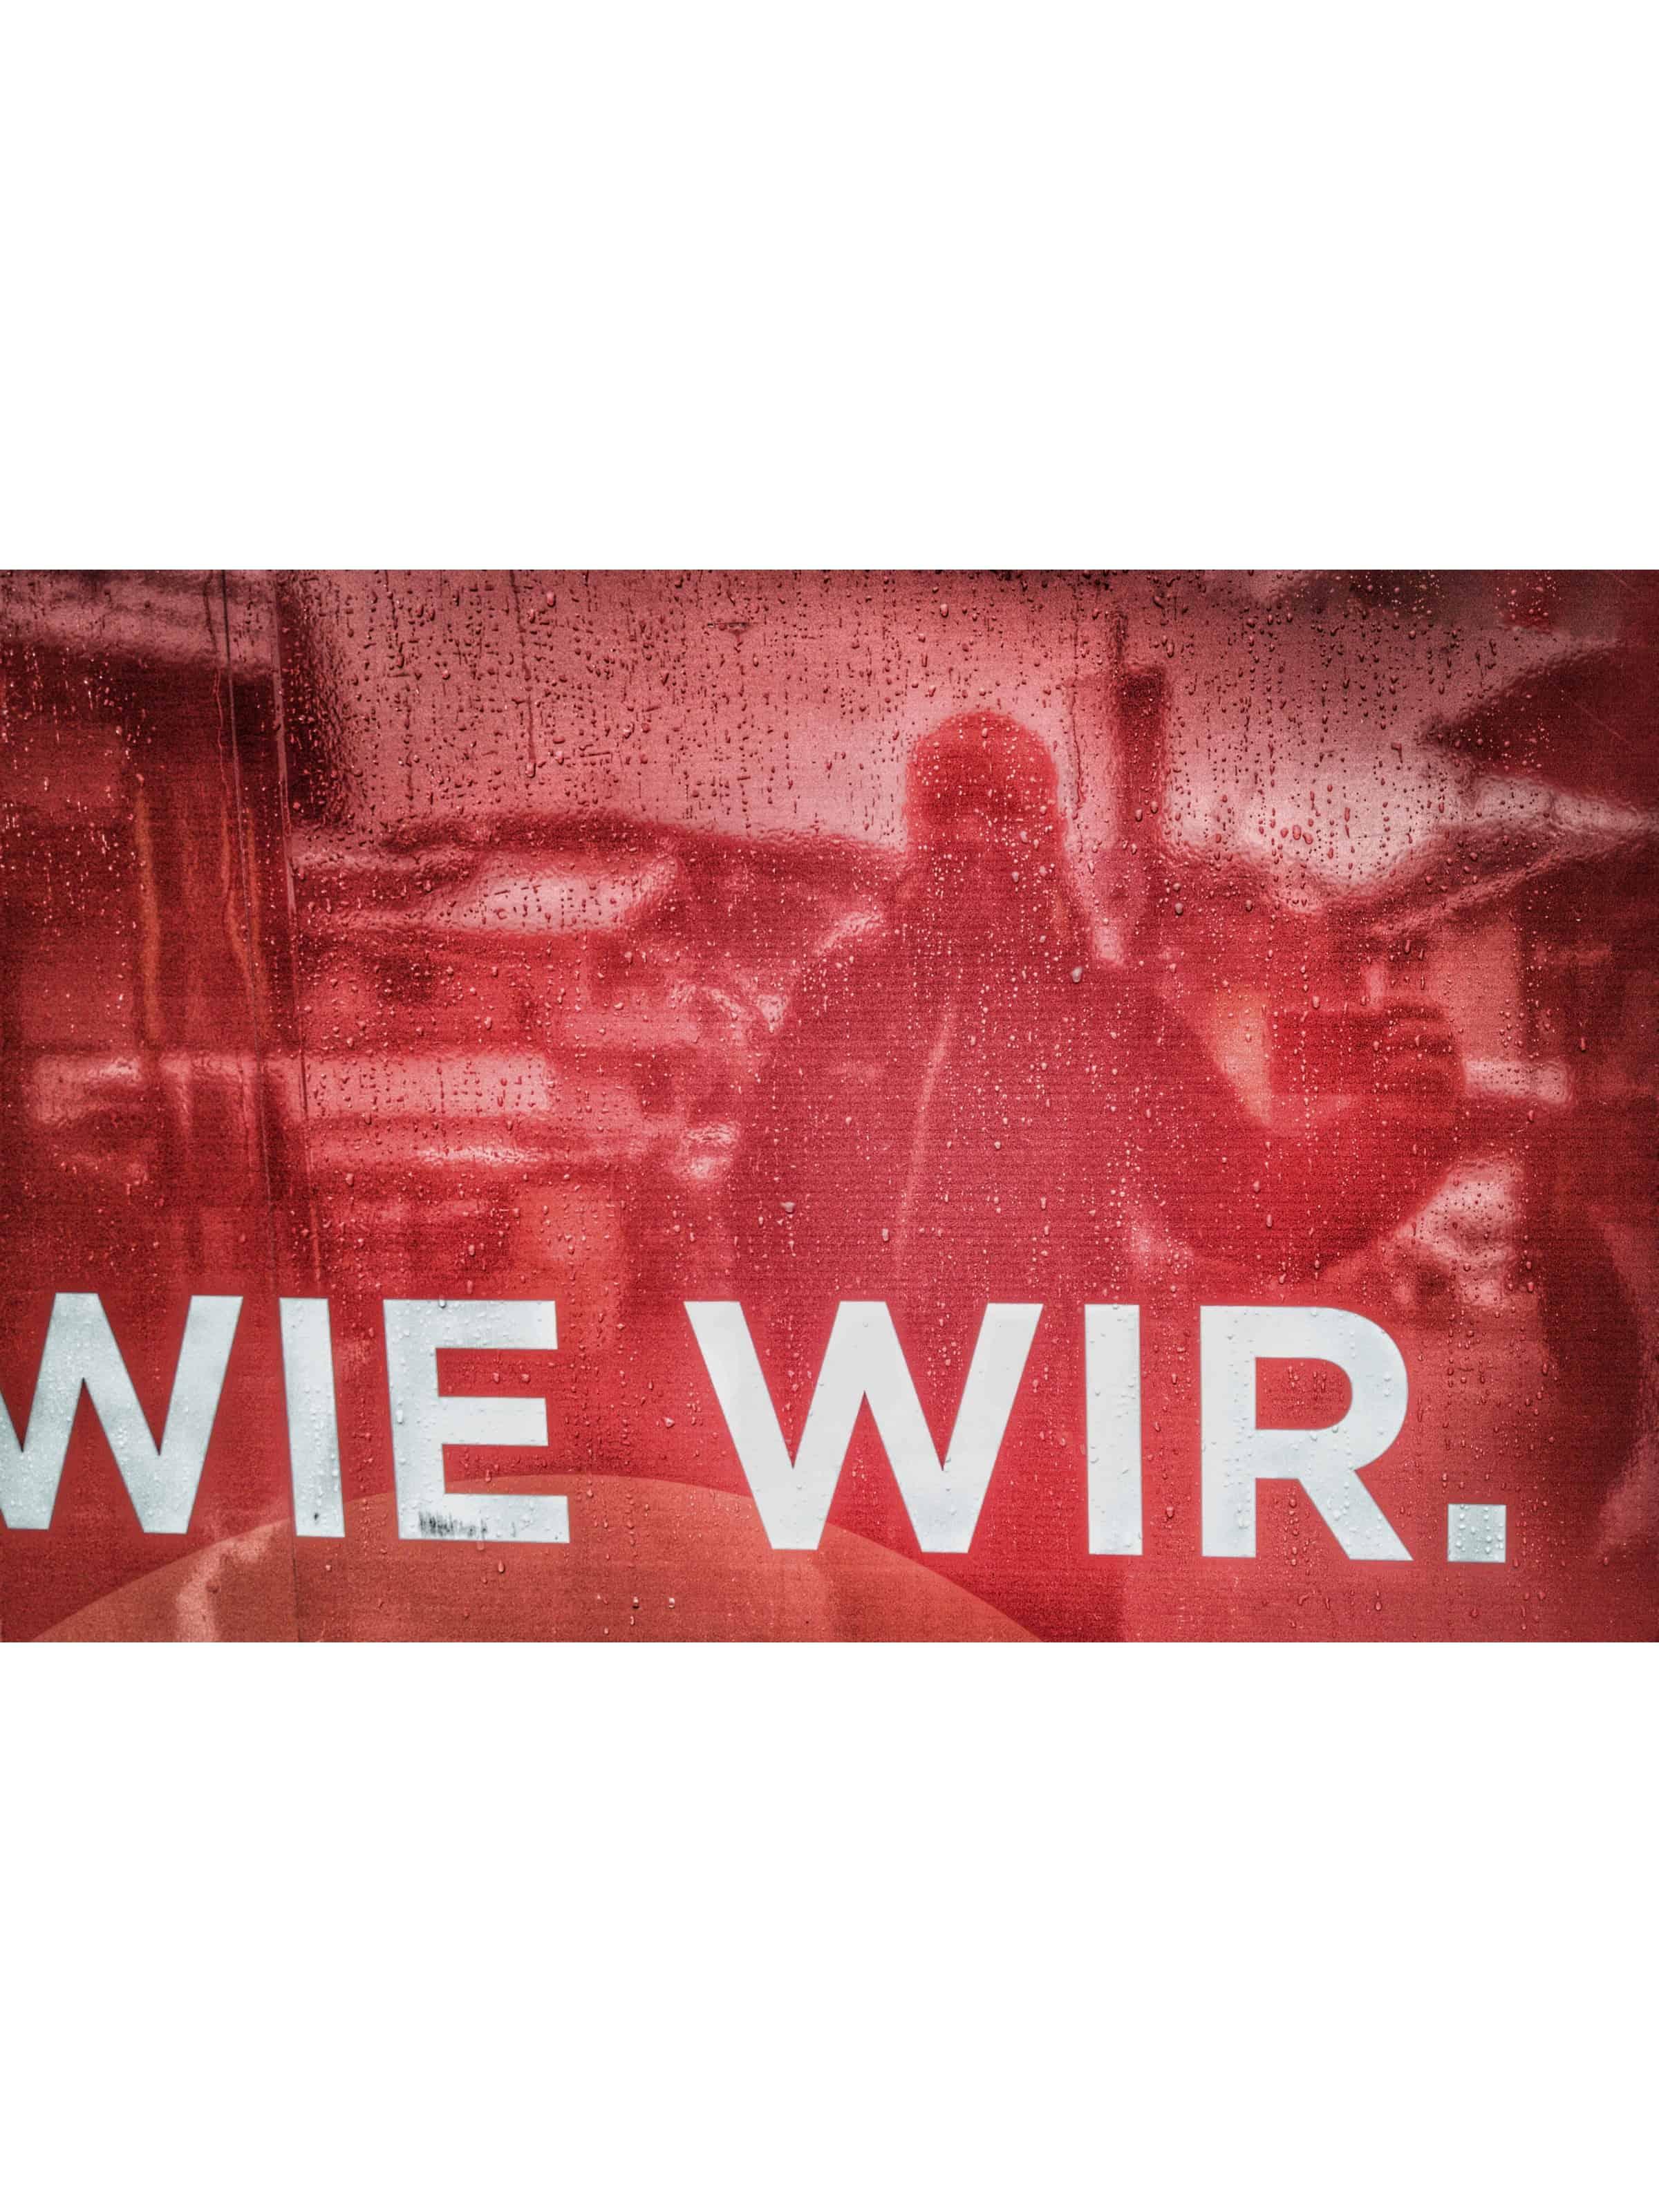 andreas felder kameramann ORF Guten Morgen Österreich ORF Daheim in Österreich 28 28.03.2018 07 57 35 - ORF Unterwegs in Österreich